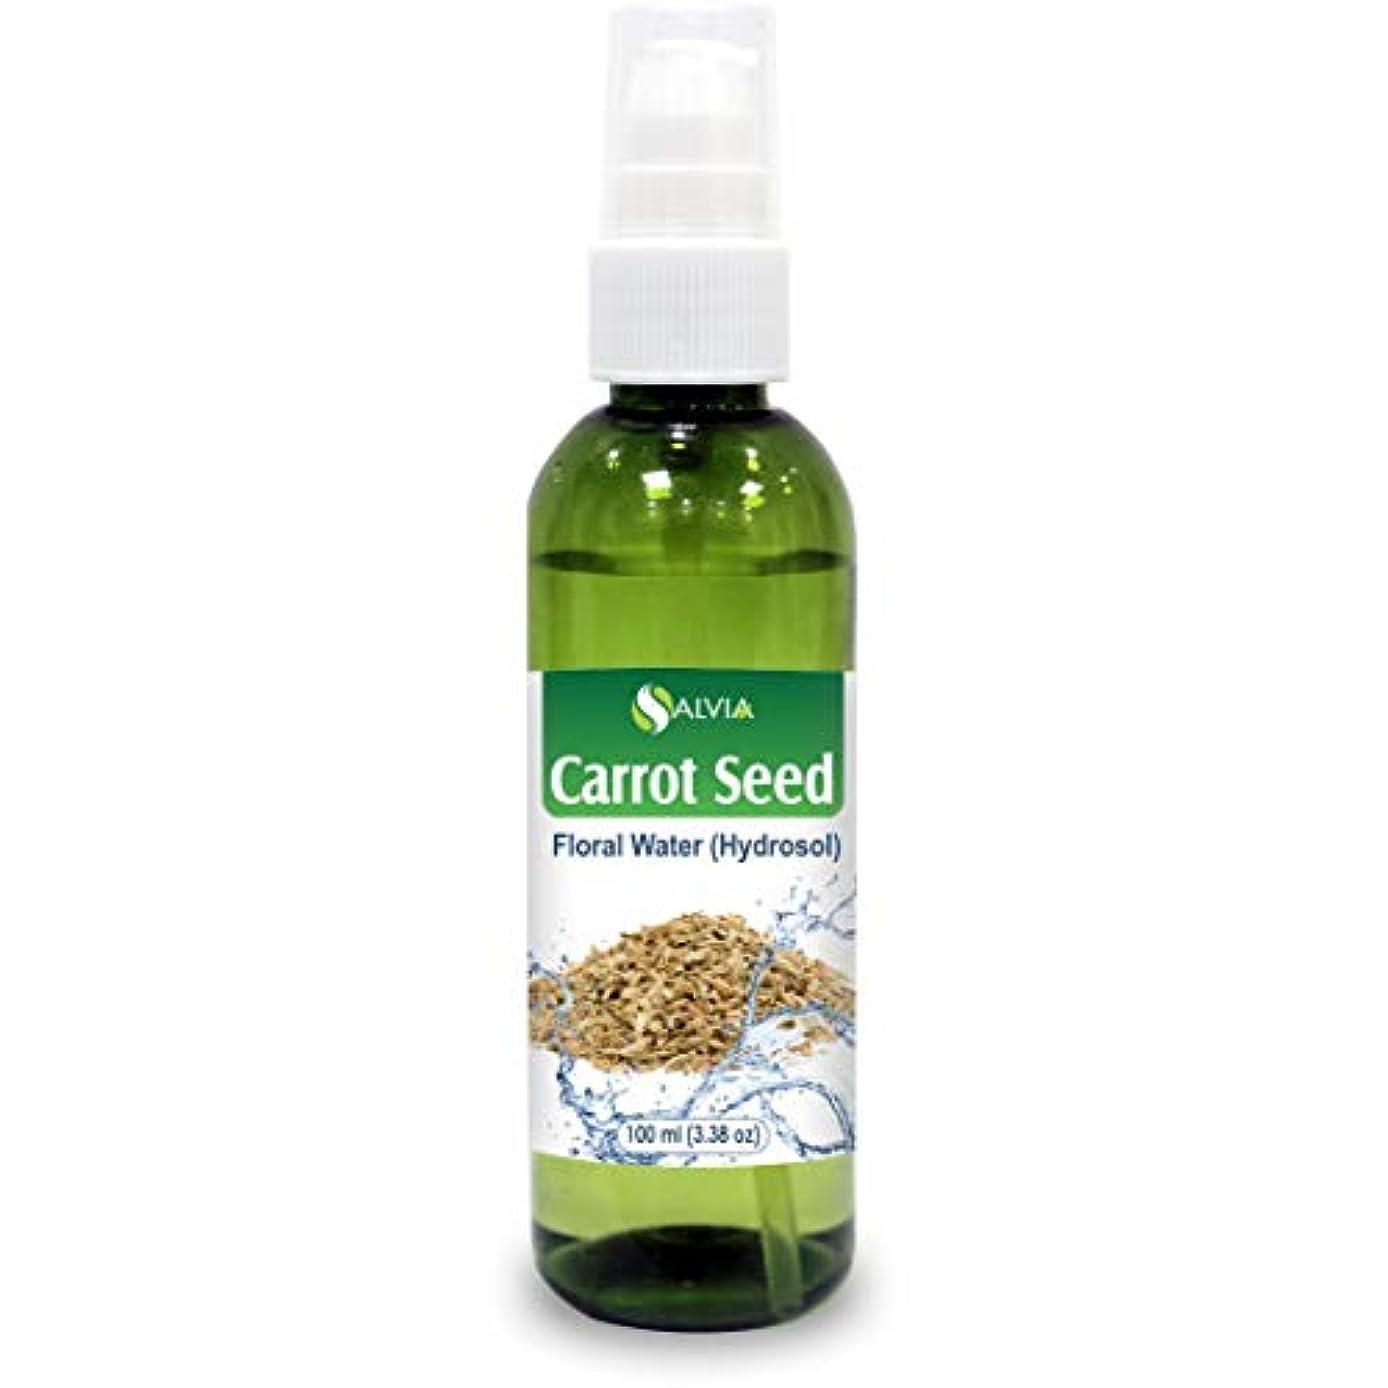 マッシュロケット最愛のCarrot Seed Floral Water Floral Water 100ml (Hydrosol) 100% Pure And Natural